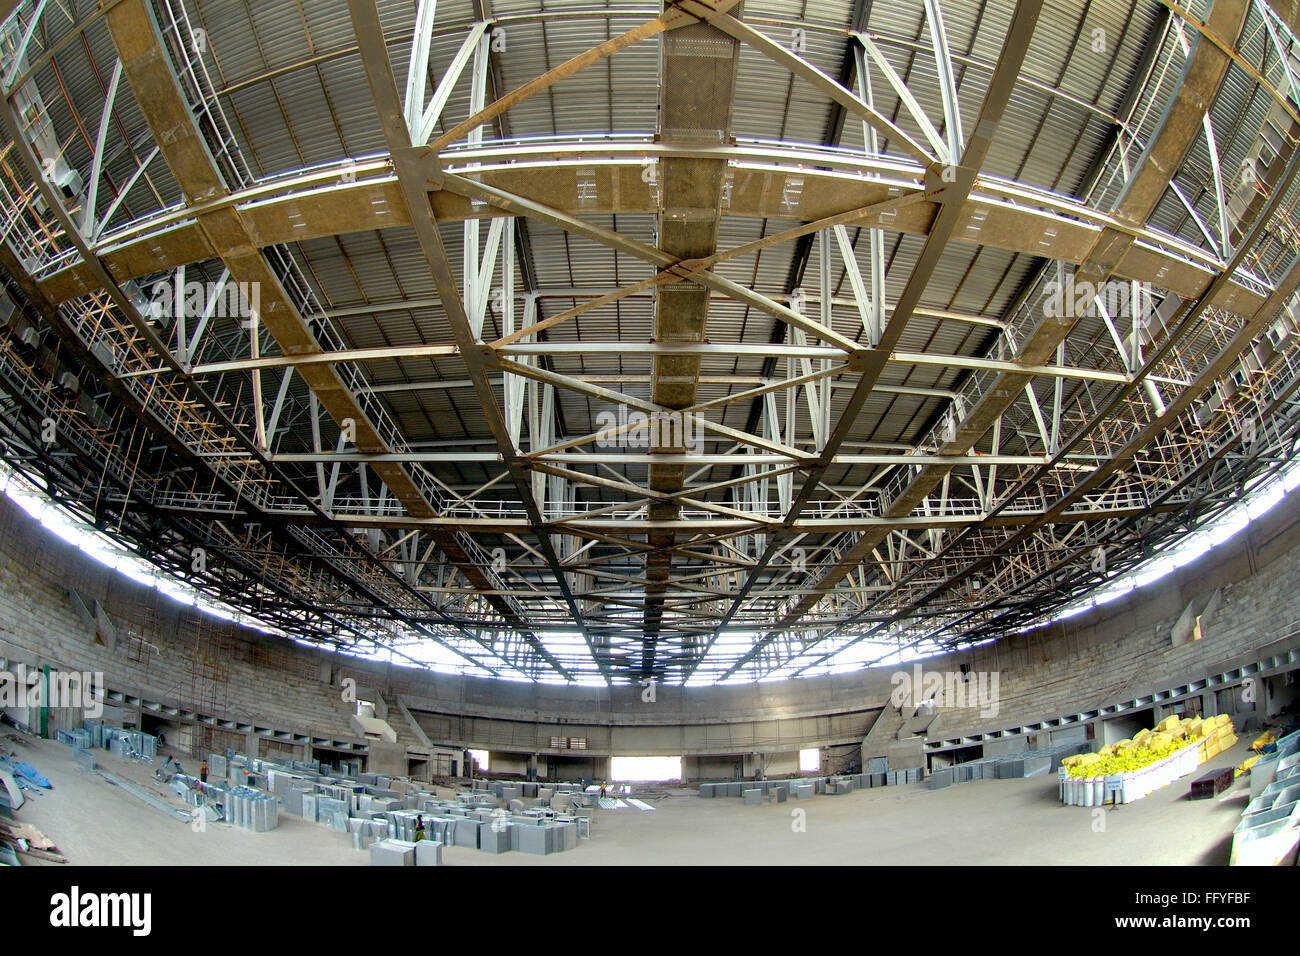 Steel structural roof of stadium under construction worli ; Bombay Mumbai ; Maharashtra ; India - Stock Image